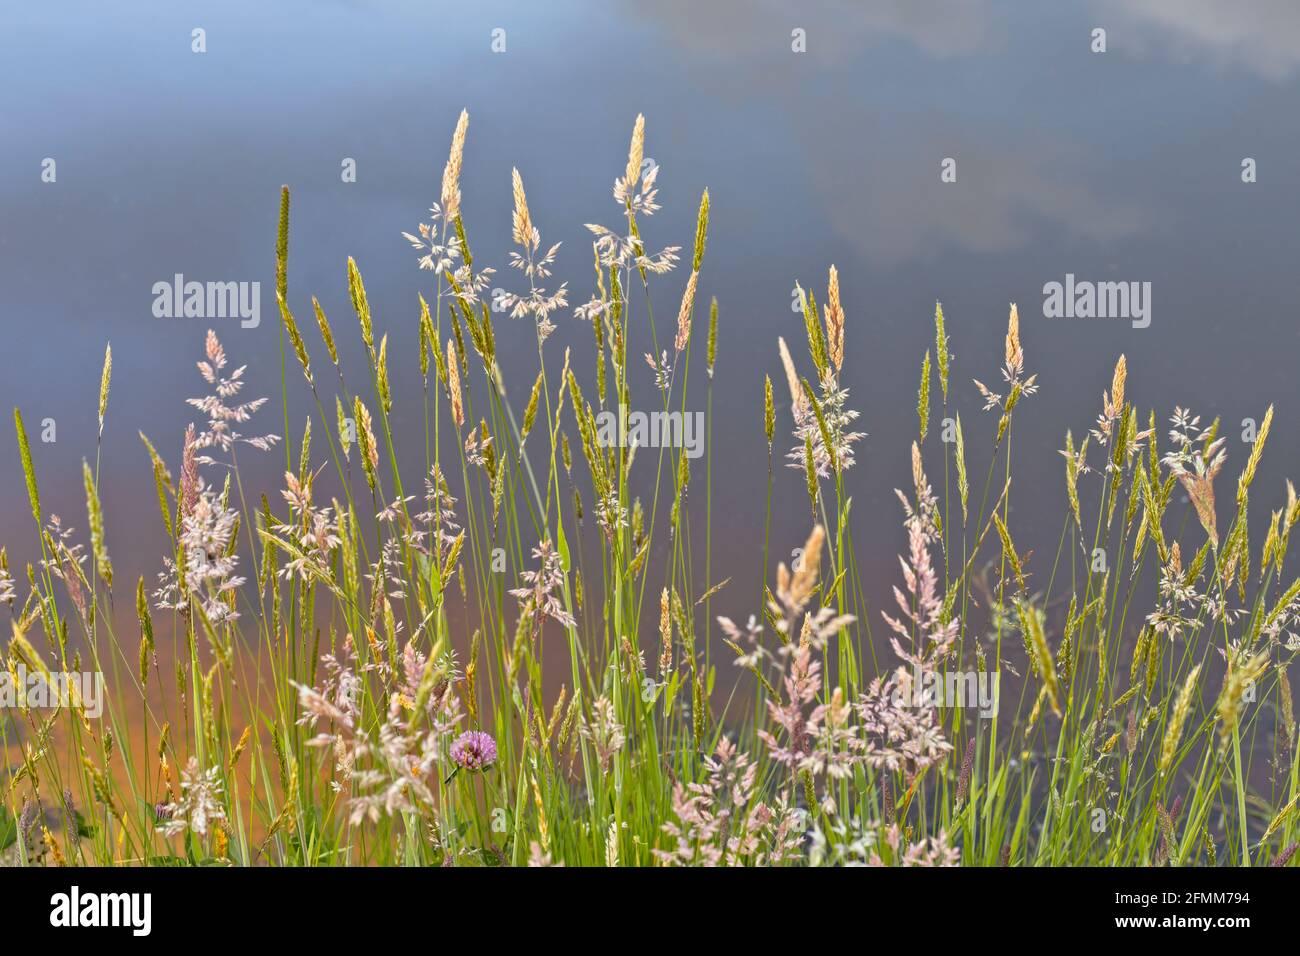 Pastos de verano con cabezas de semillas al lado de un estanque con el cielo reflejado en el agua en el fondo. Foto de stock